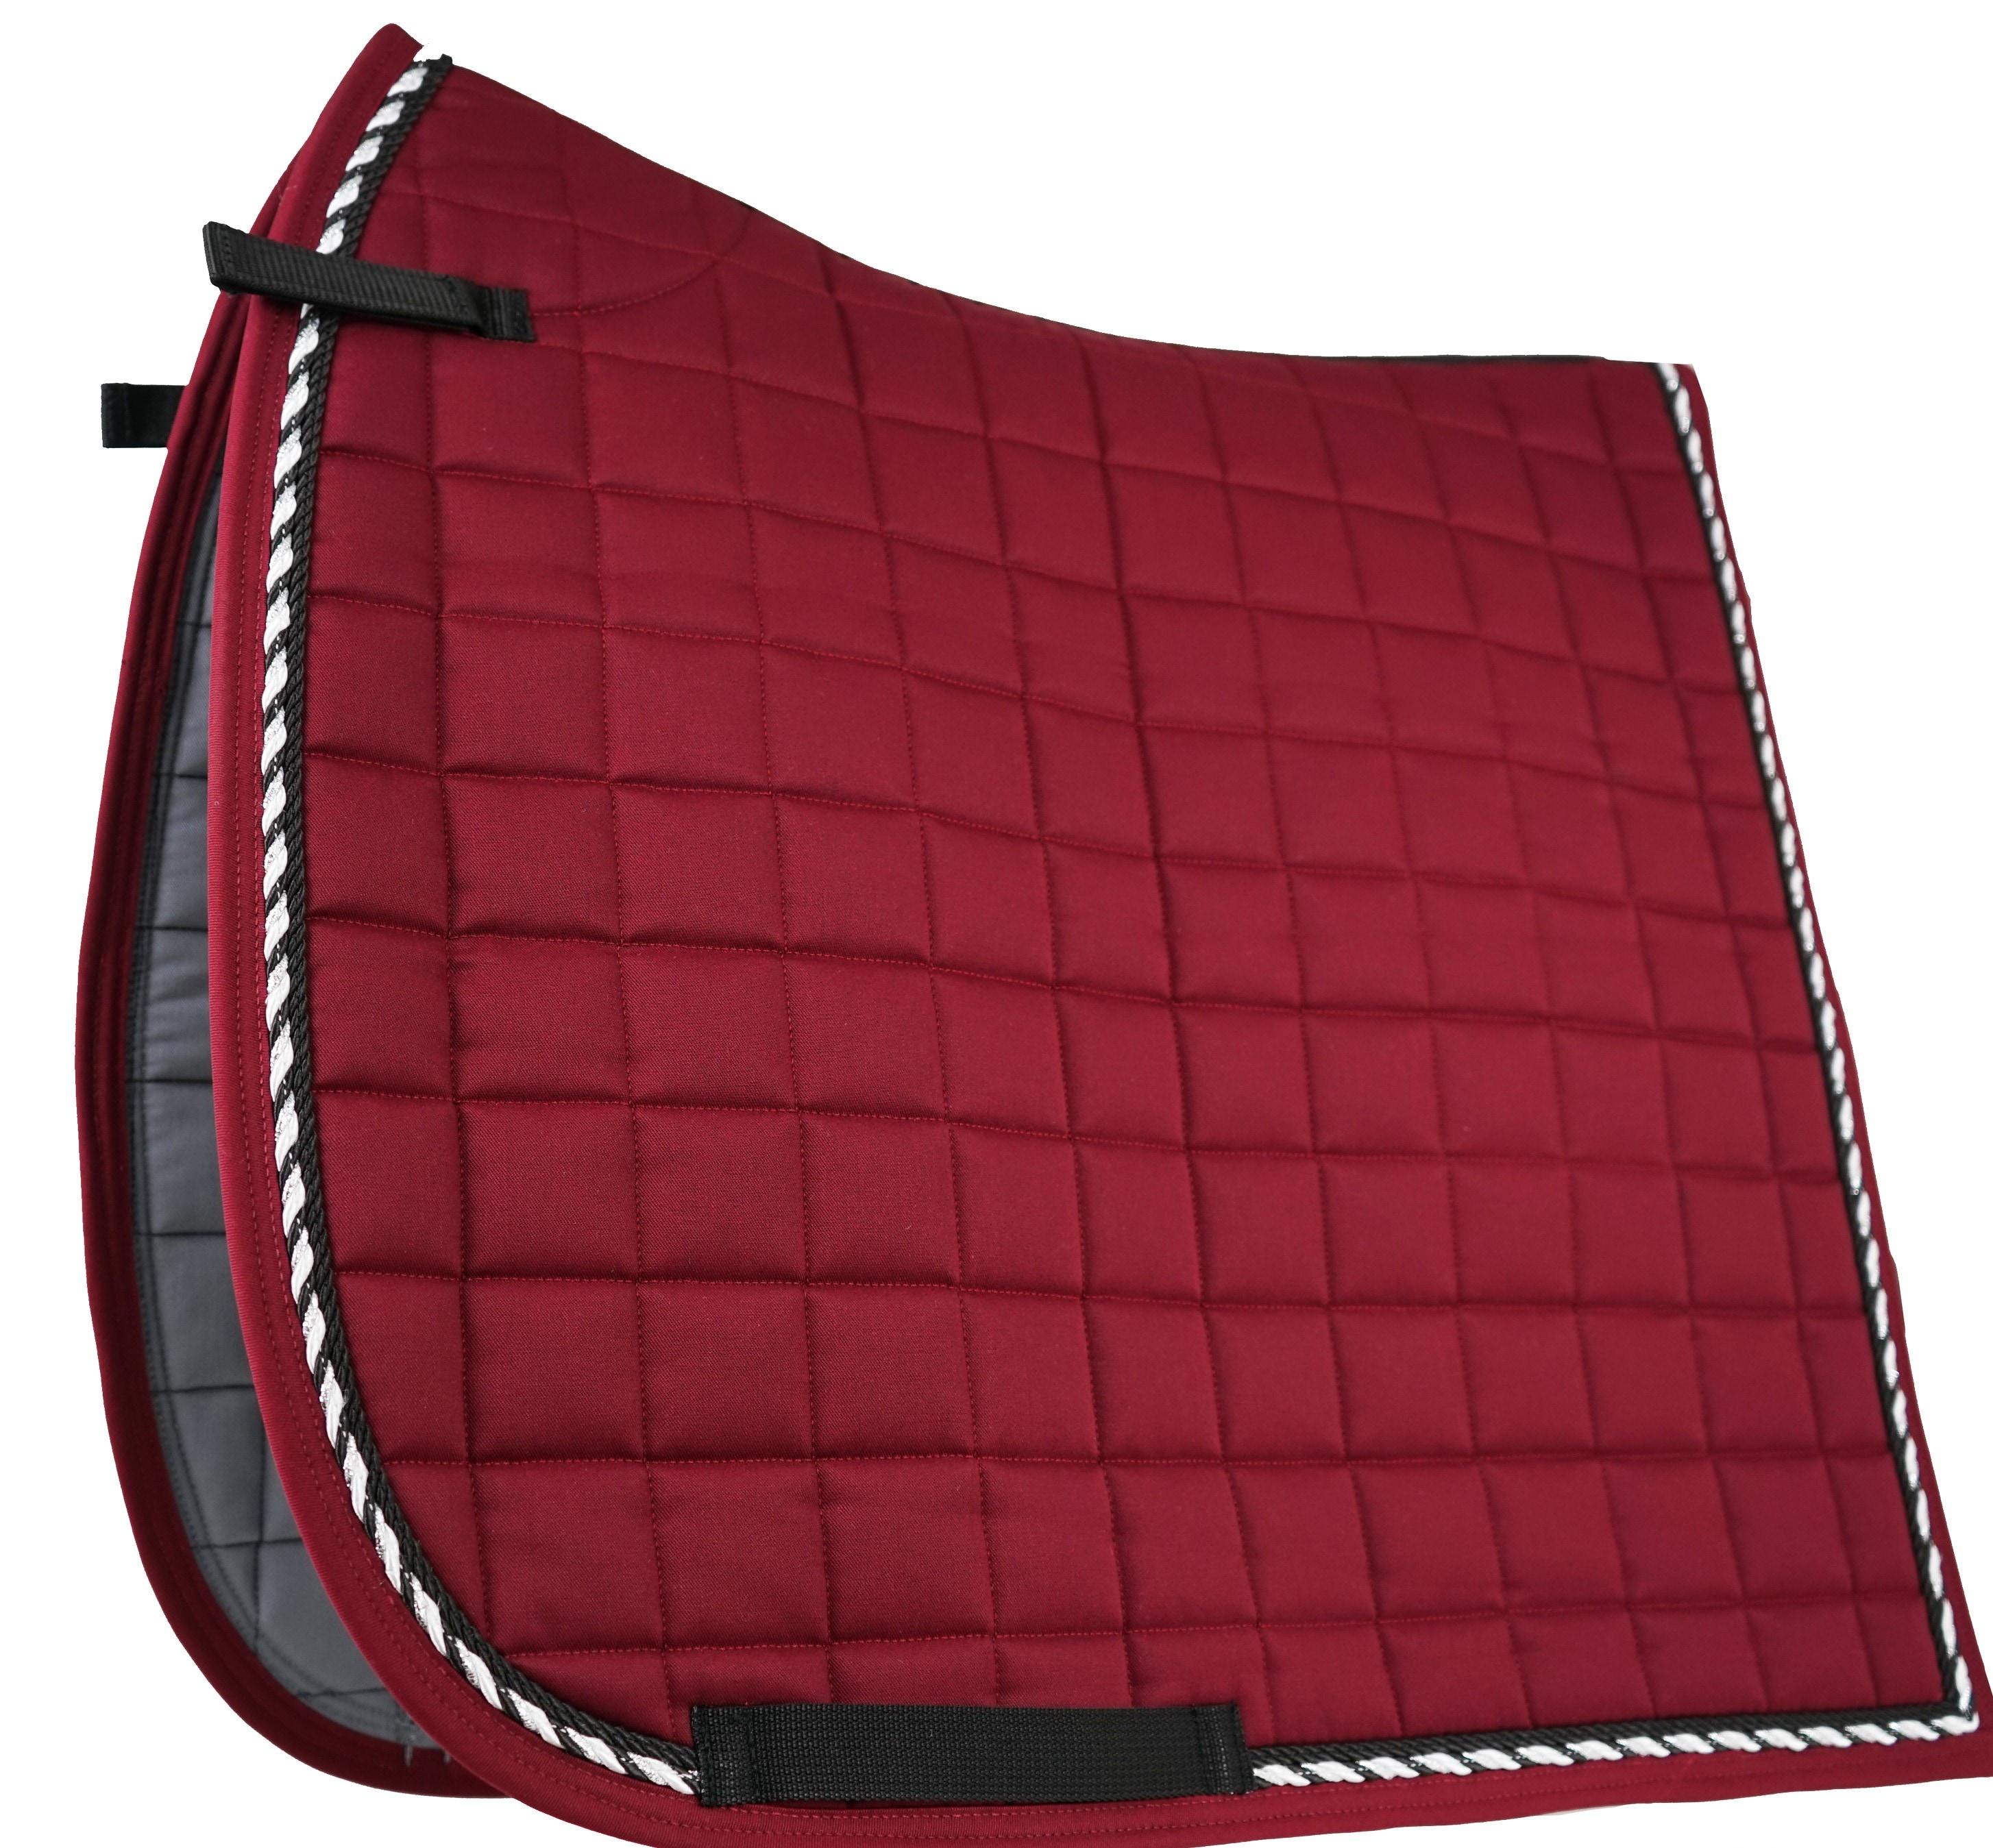 Dressage saddle pad - Bordeaux/Black